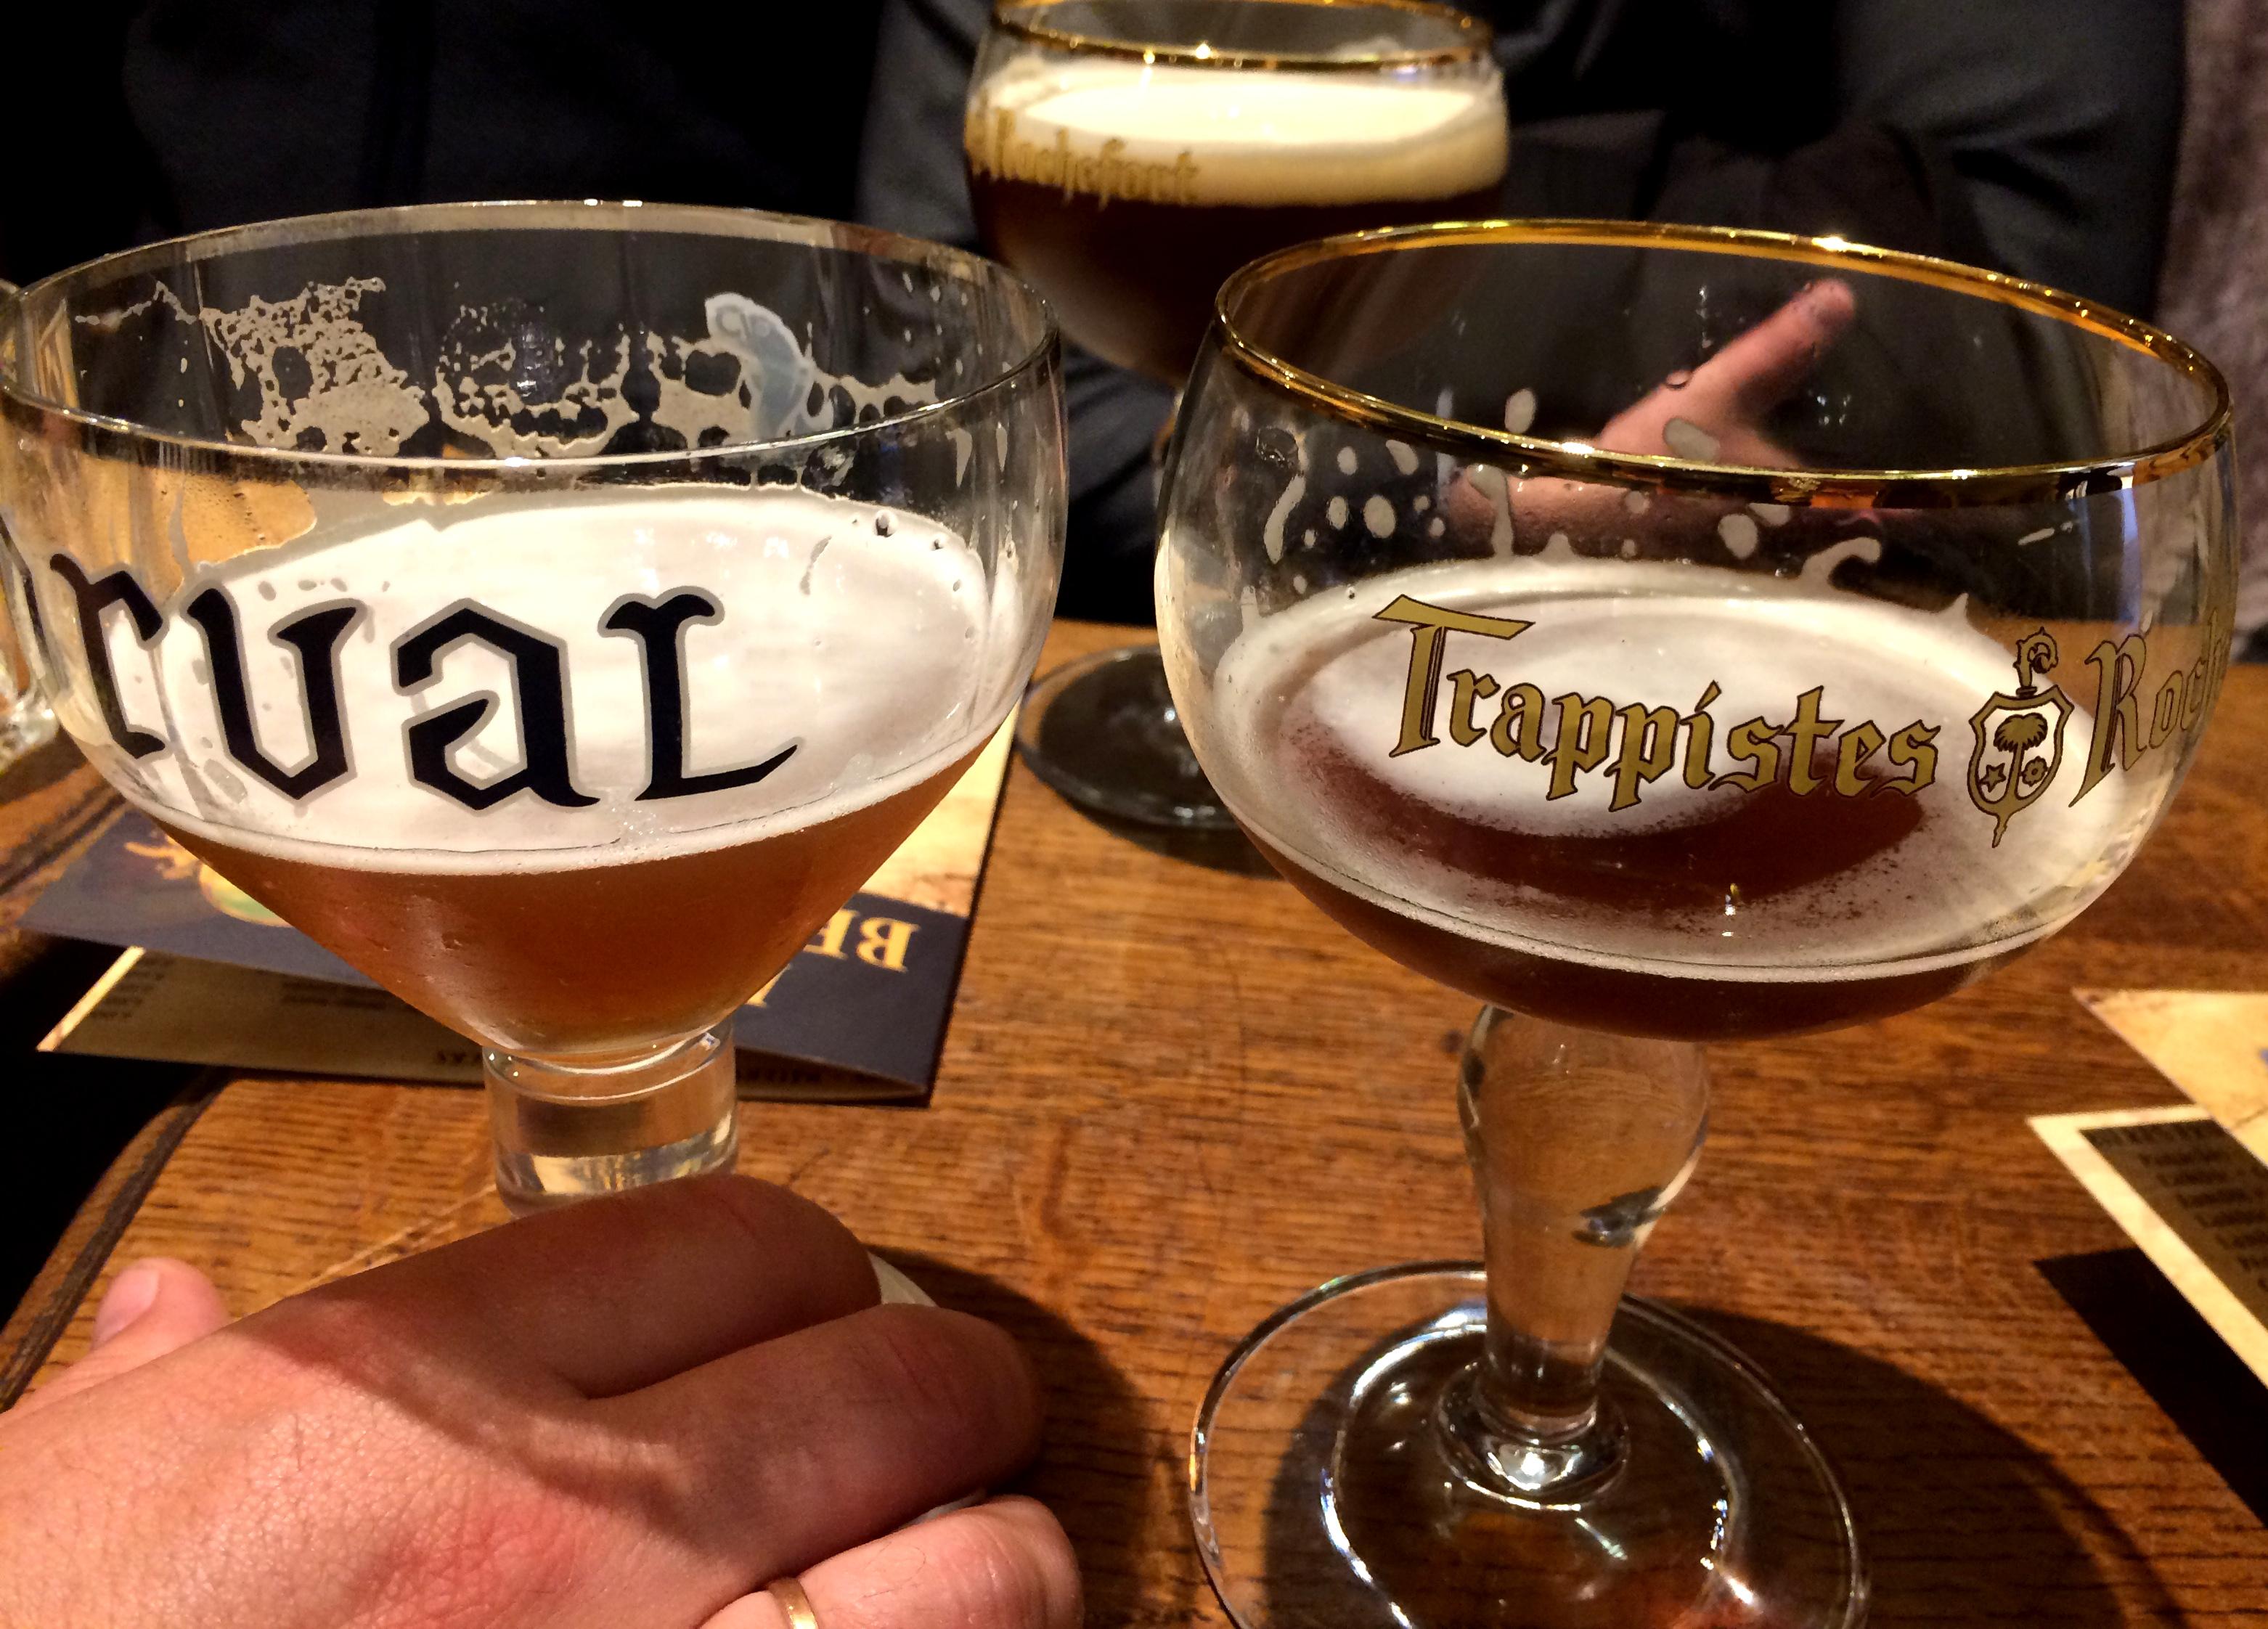 Трапіське пиво